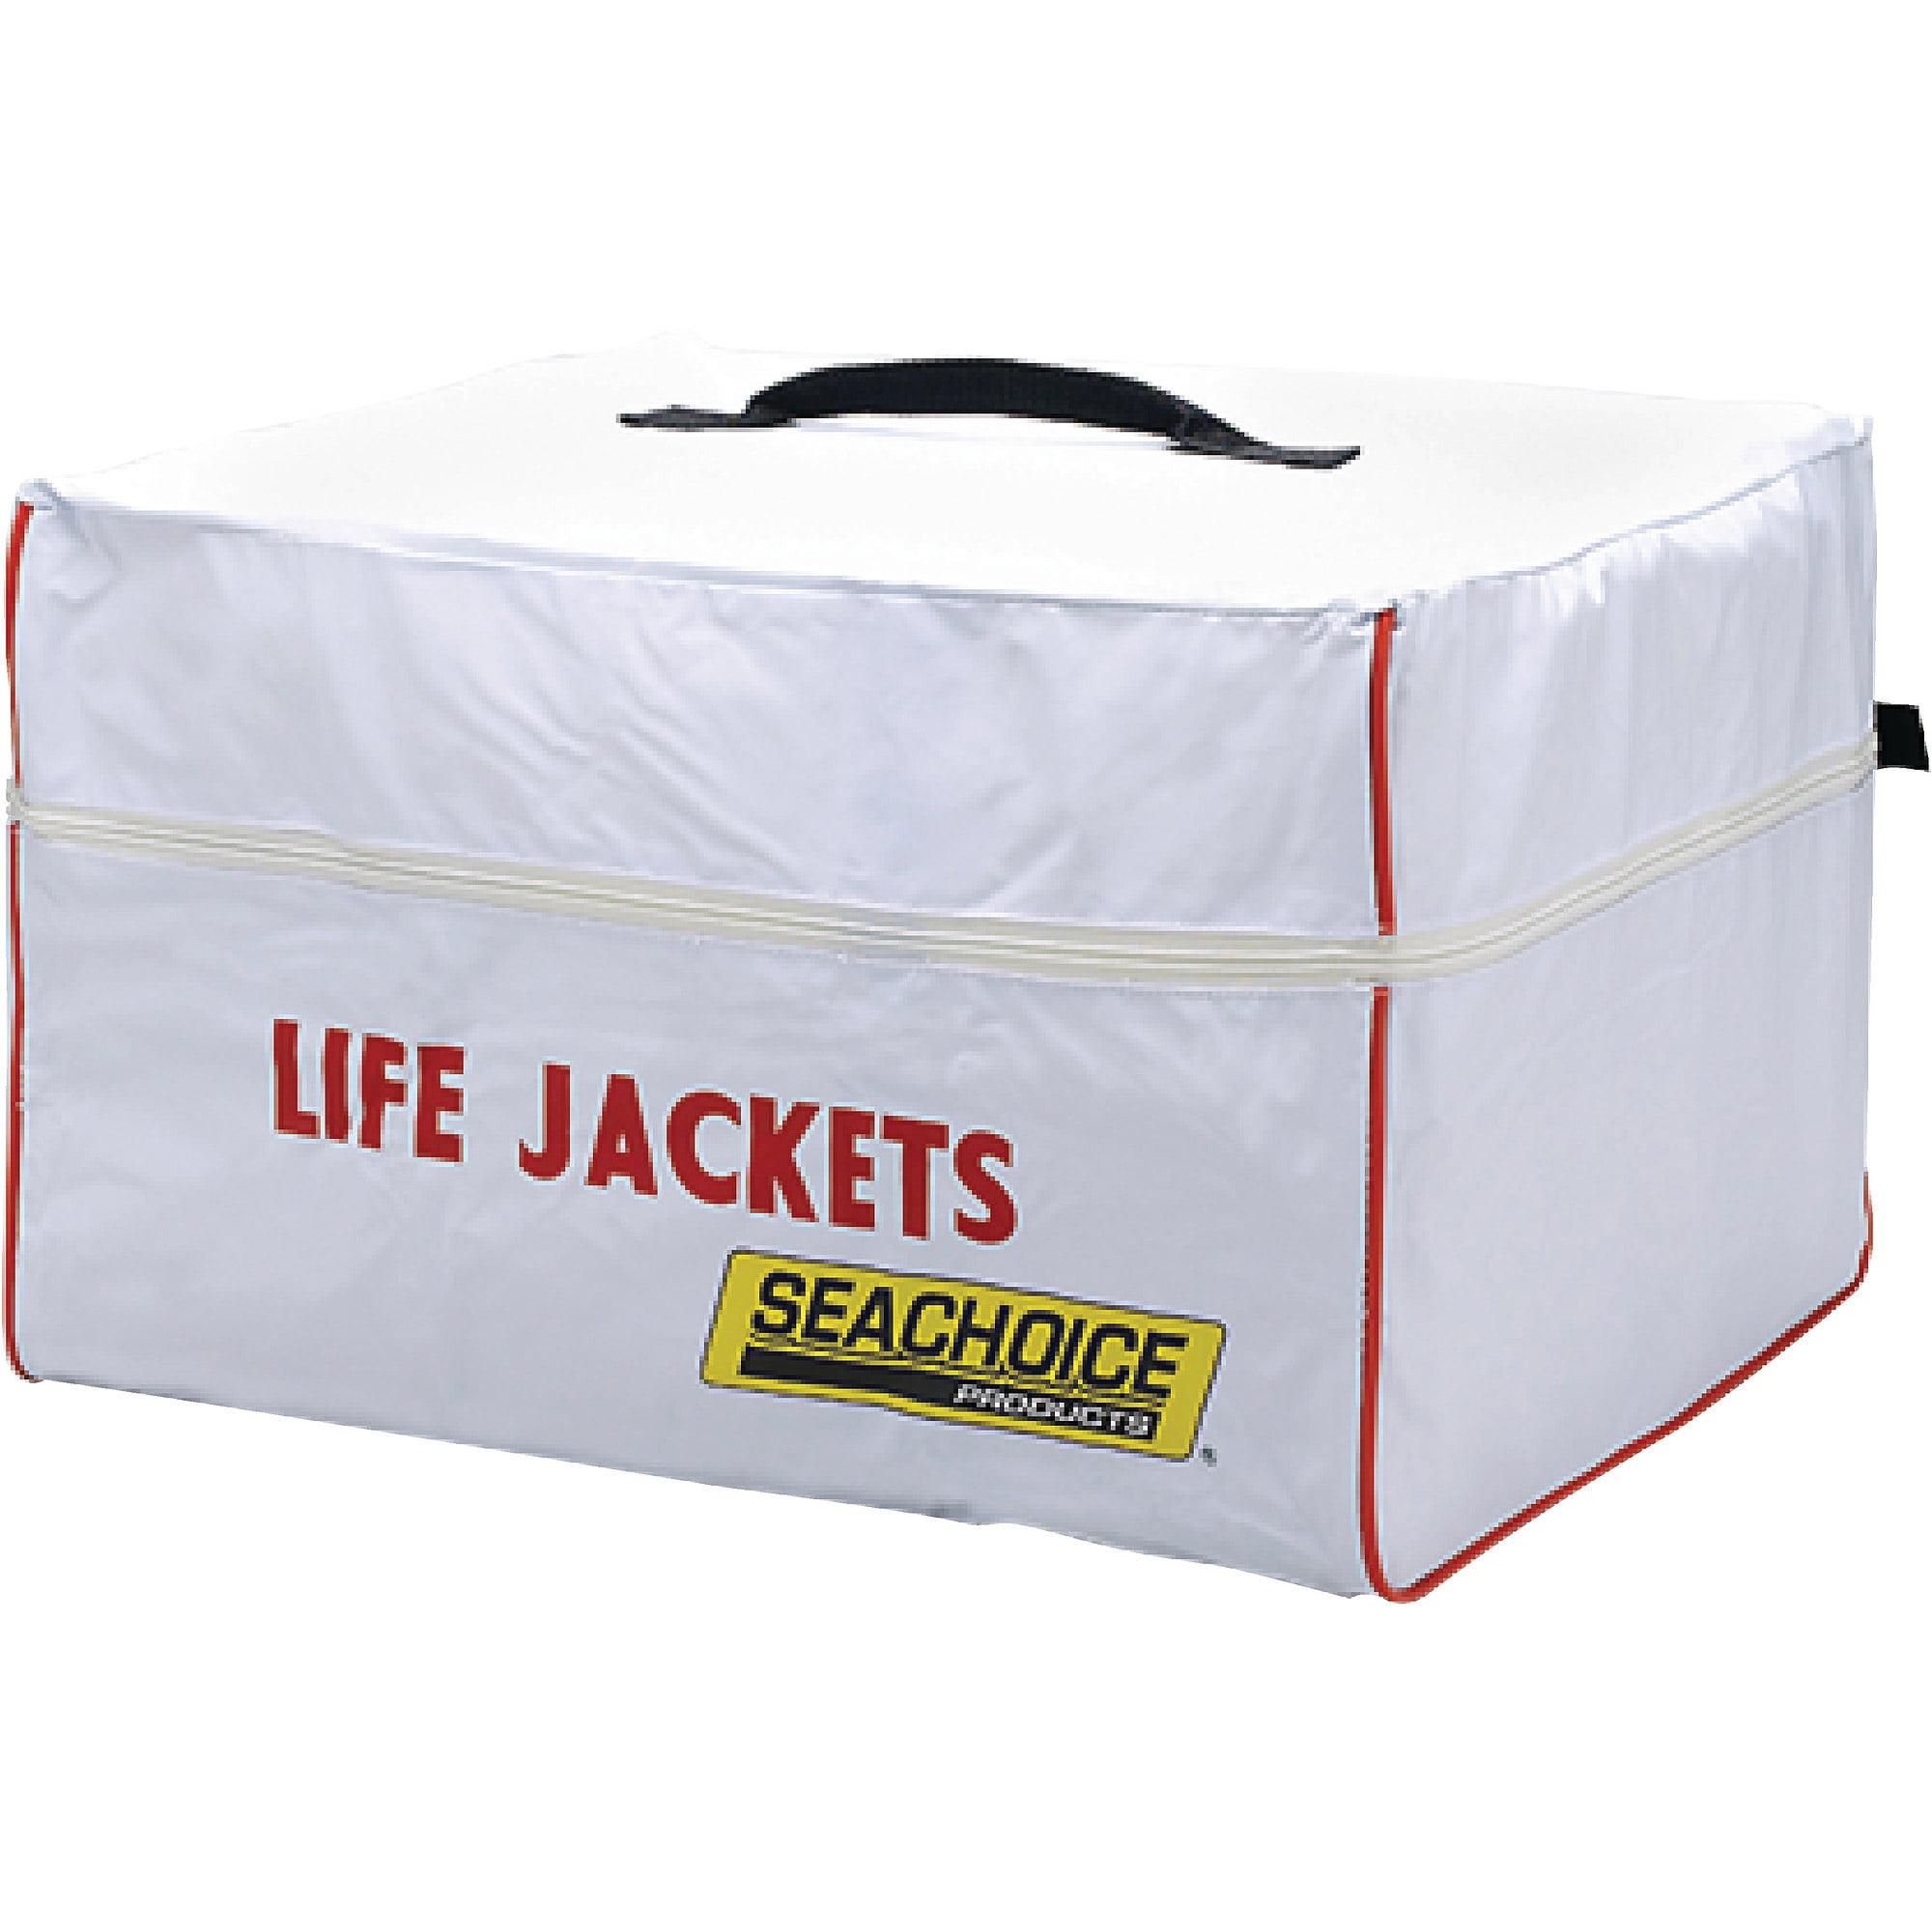 Seachoice Life Jacket Bag, Holds 6 by Seachoice